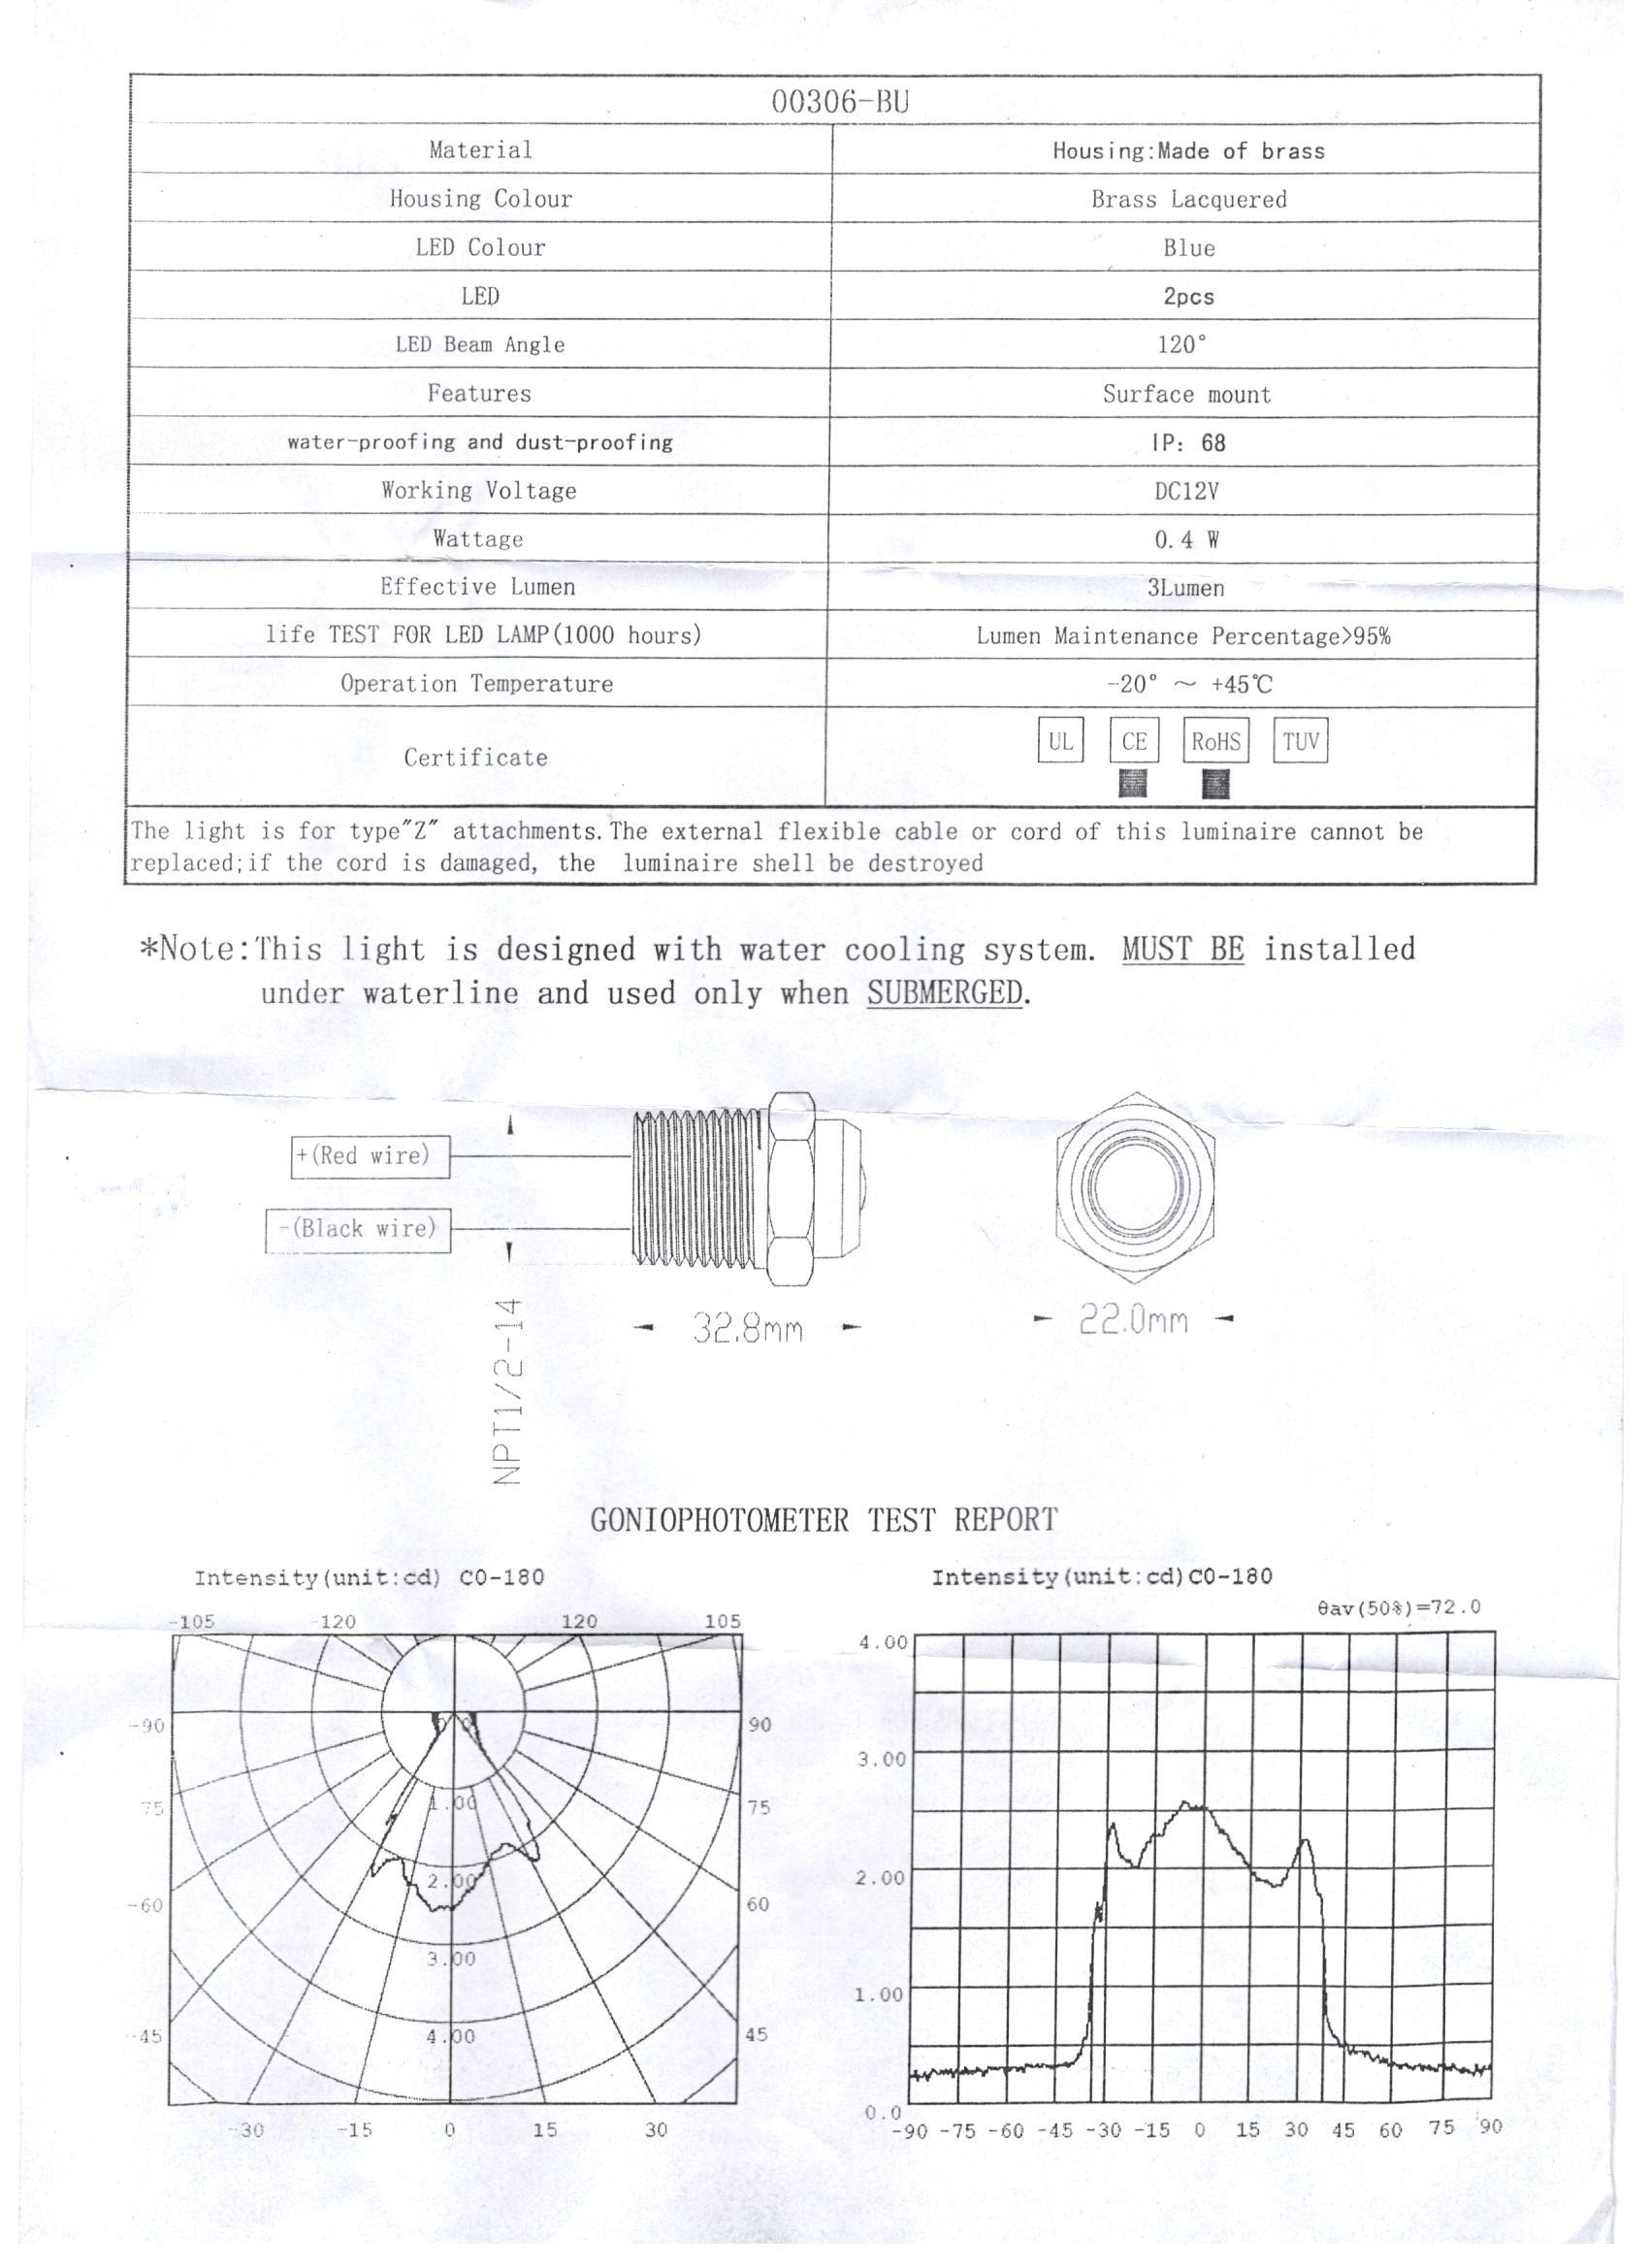 """Boat Blue LED Drain Plug 1/2"""" NPT Br Underwater Light 12V ... Underwater Boat Light Wiring Diagram on tube light wiring diagram, led light wiring diagram, halogen light wiring diagram, multiple fluorescent light wiring diagram, high bay light wiring diagram,"""